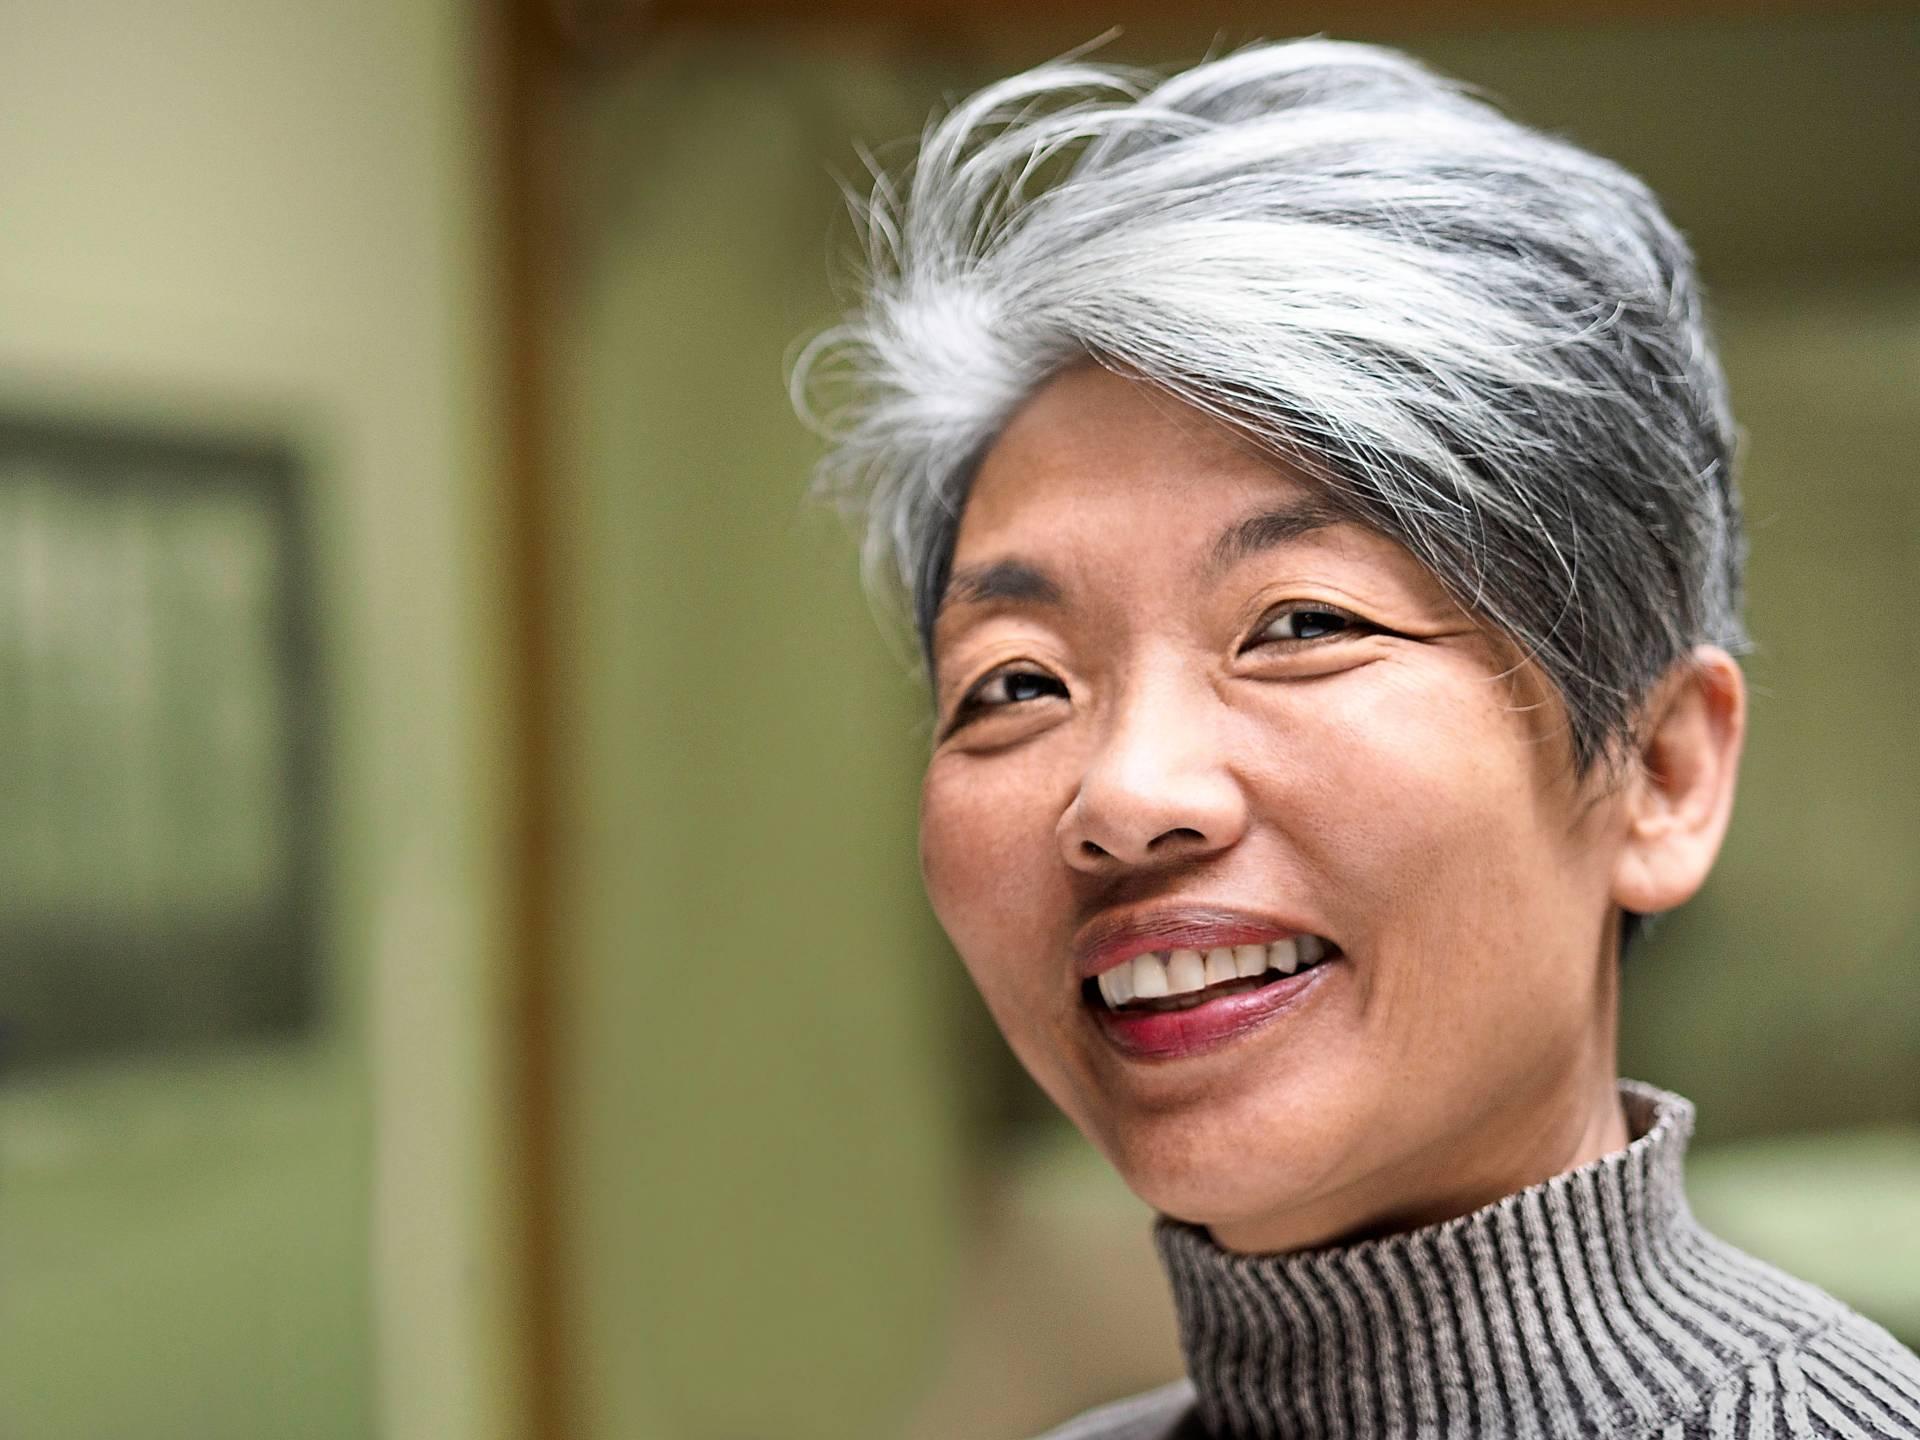 Author Long Litt Woon